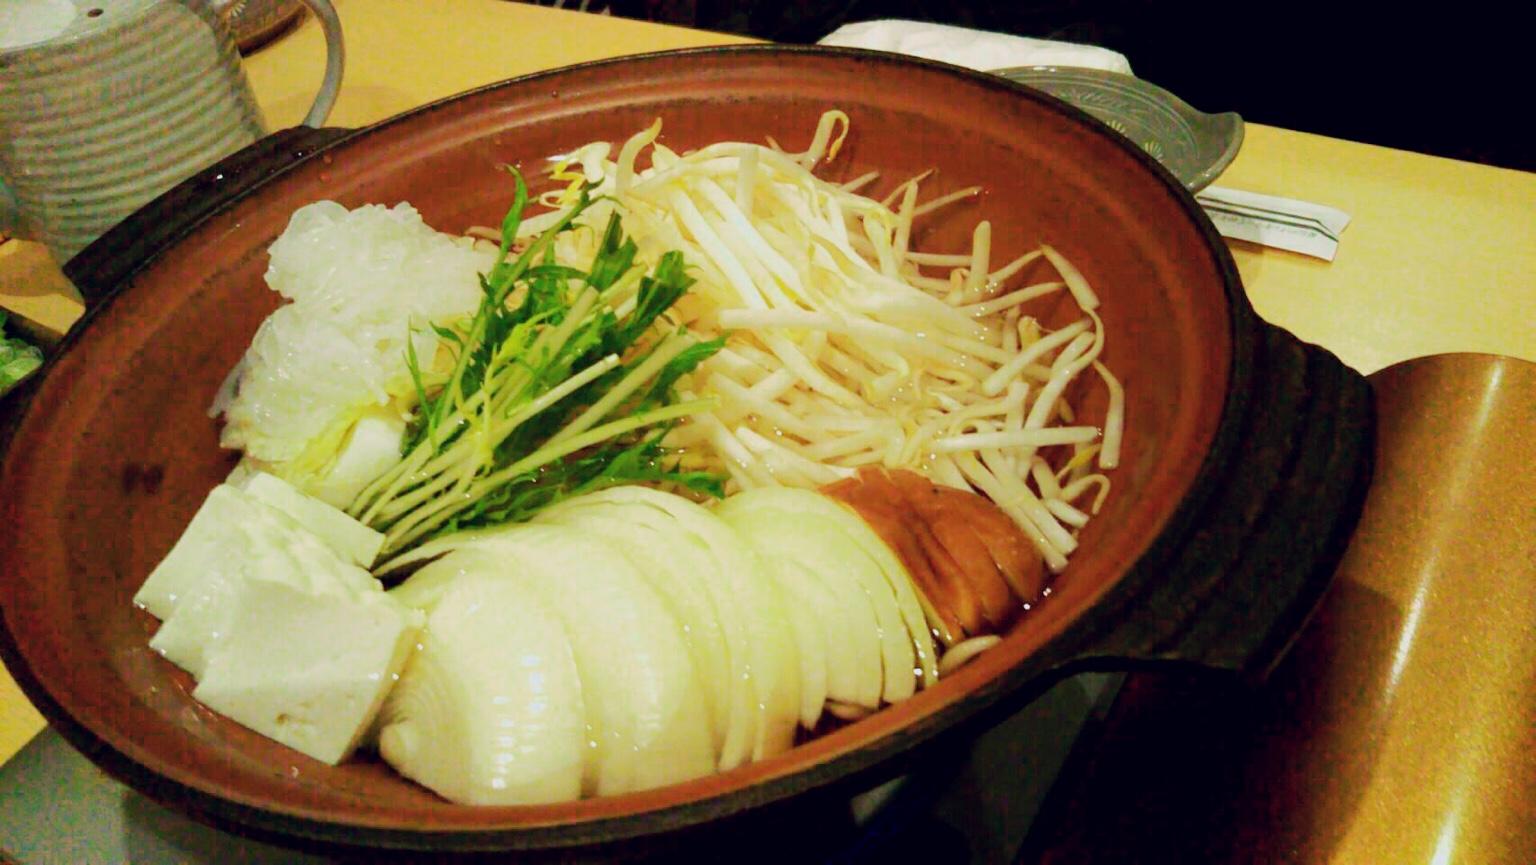 北海しゃぶしゃぶのラム肉食べ放題に参戦!札幌での夕食